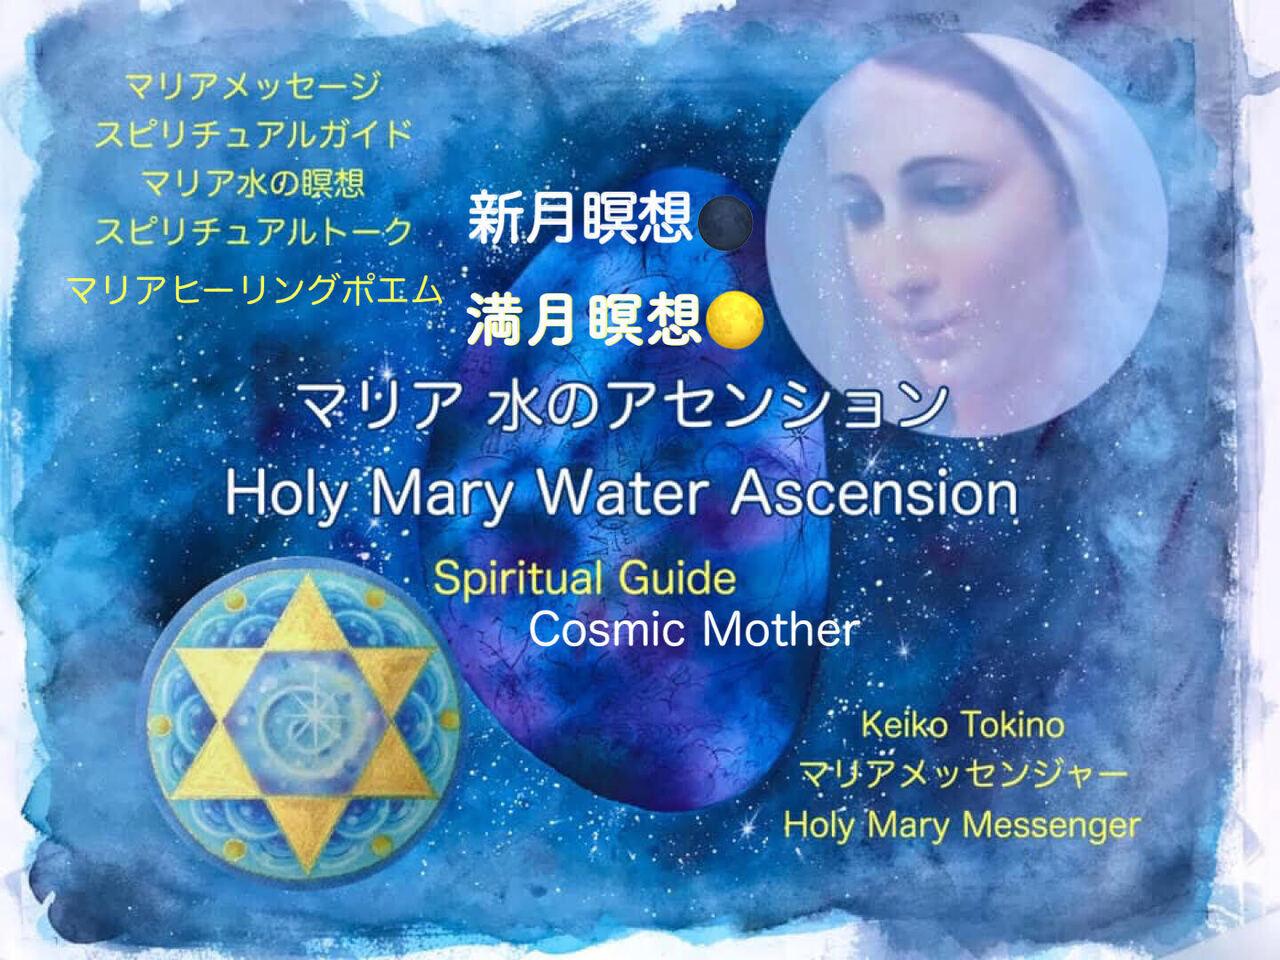 聖マリア新月・満月瞑想 Holy Mary's meditation online